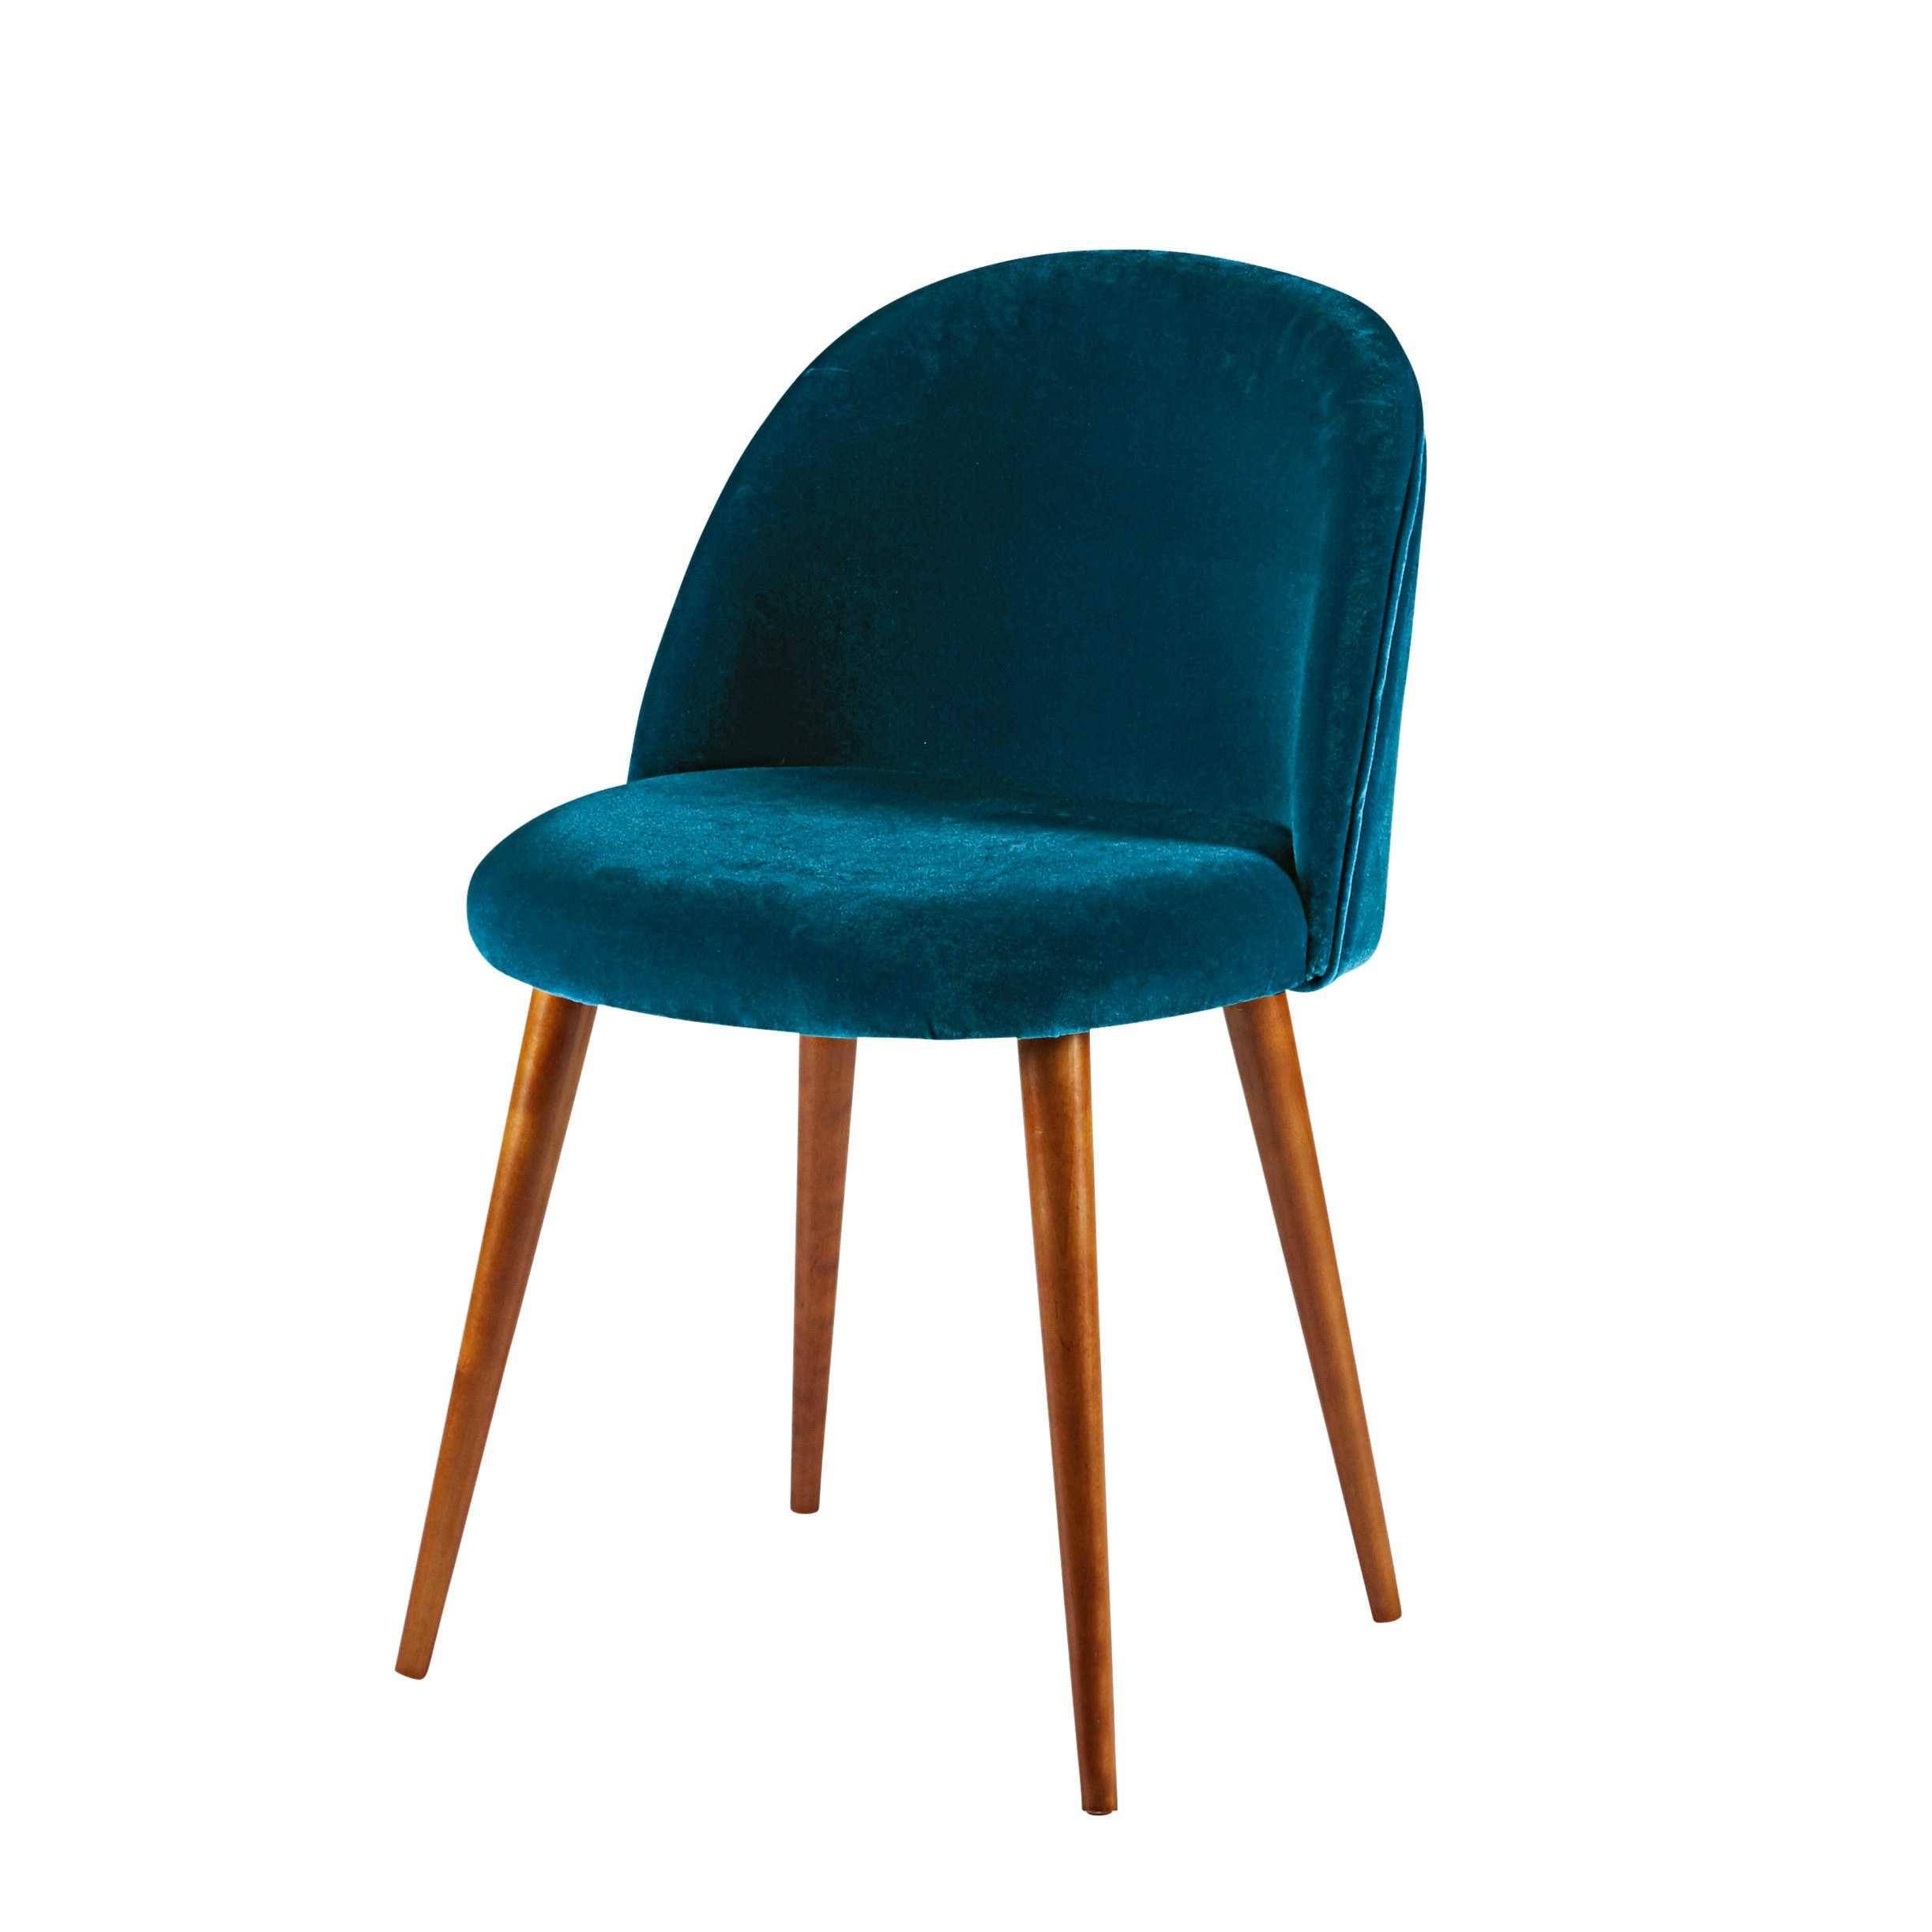 Peacock Blue Velvet And Solid Birch Chair Mauricette Vintage Stoelen Stoelen Fluwelen Stoelen